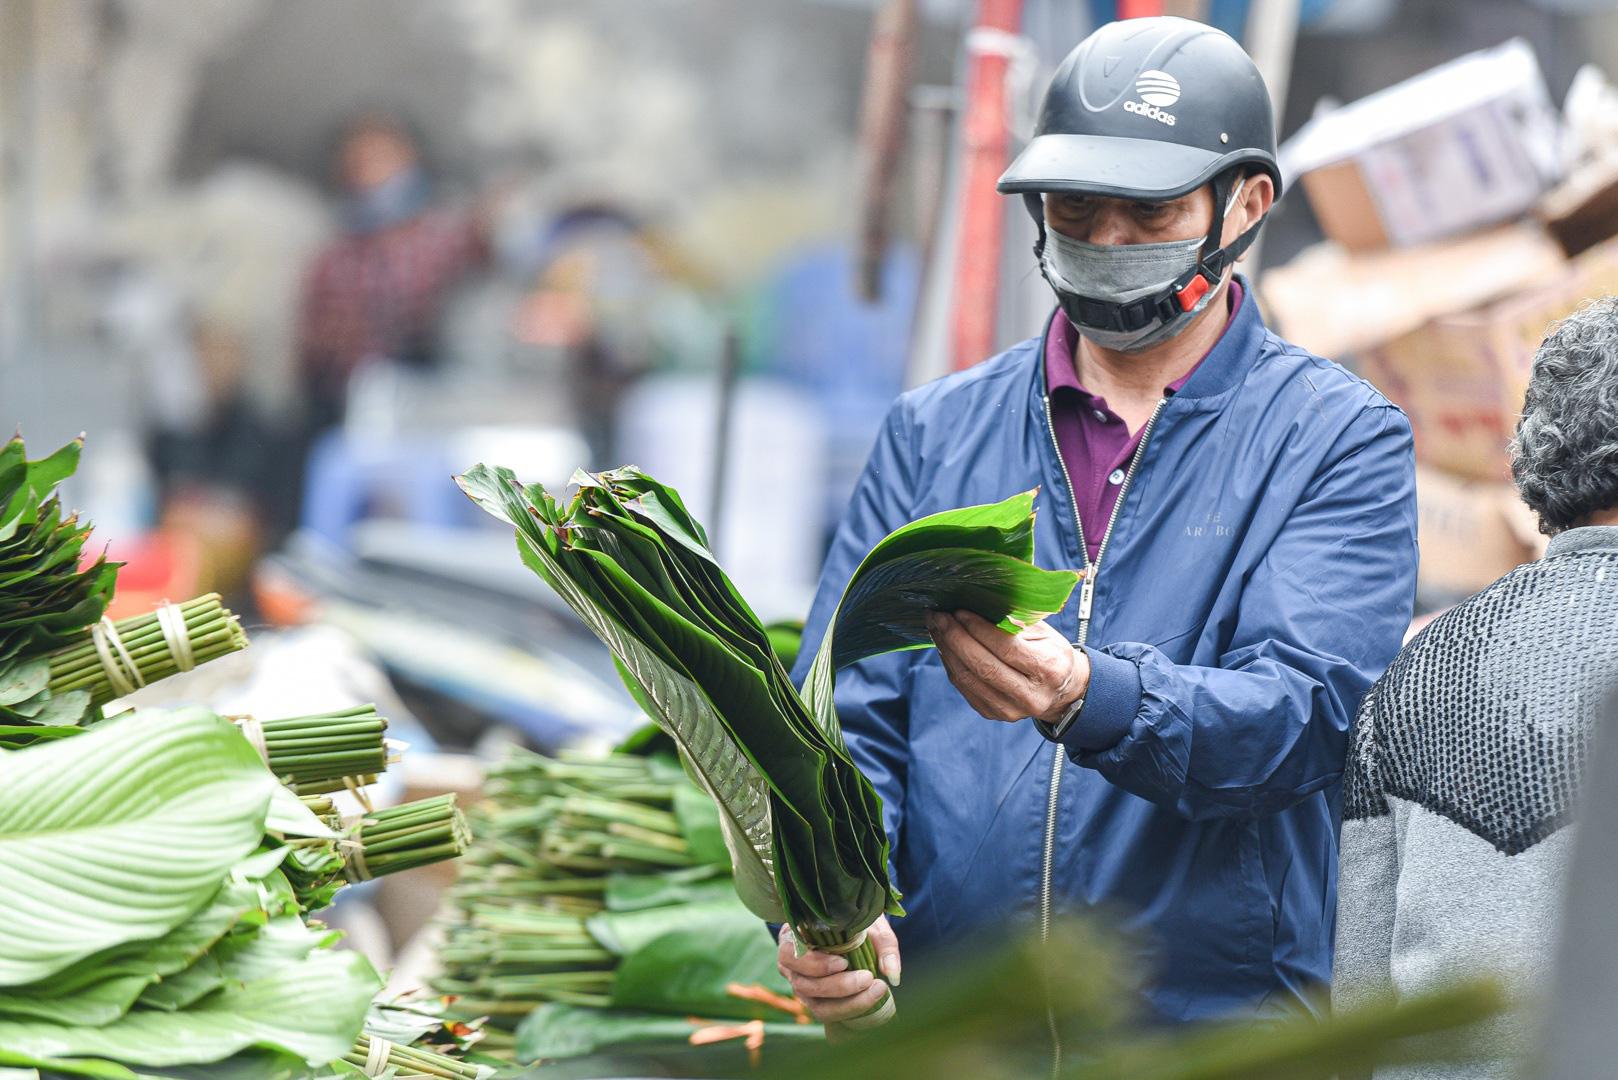 Phiên chợ họp ngày cuối năm, chỉ bán lá dong rừng, lạt tre ở Hà Nội - Ảnh 6.